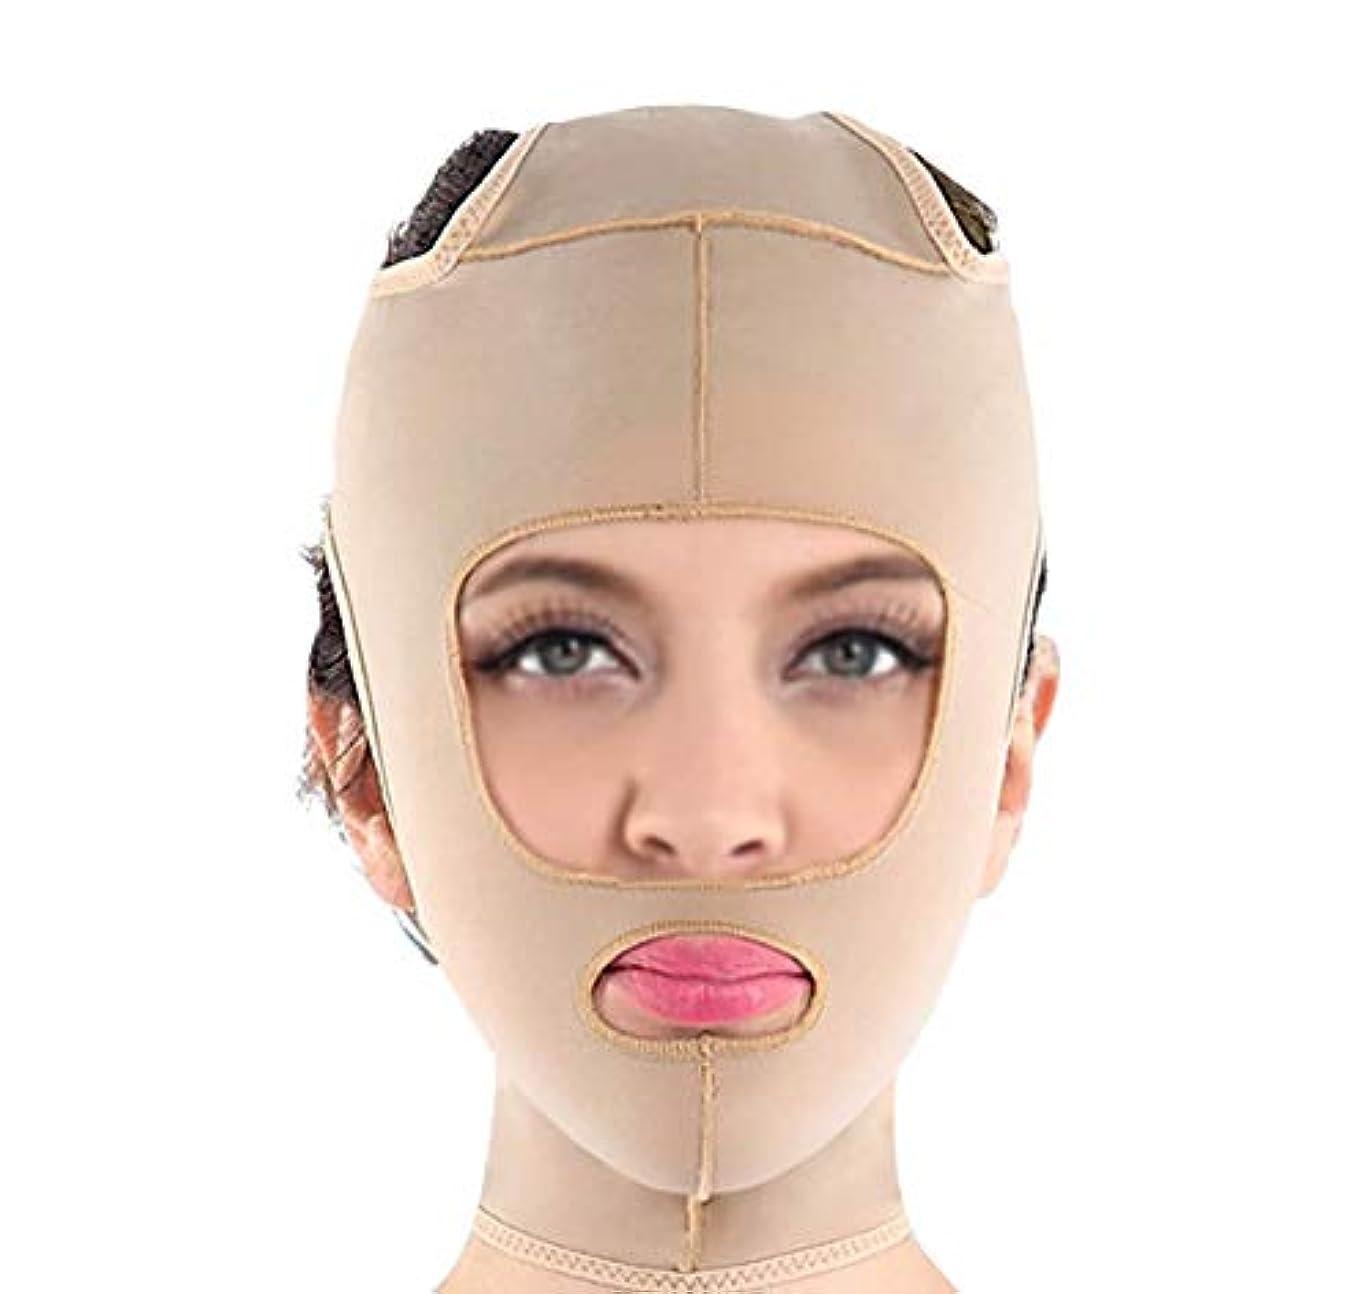 代わってエスニック絶対のフェイスリフティングマスクで肌をよりしっかりと保ち、V字型の顔を形作り、超薄型の通気性、調節可能で快適な着用感(サイズ:Xl),S